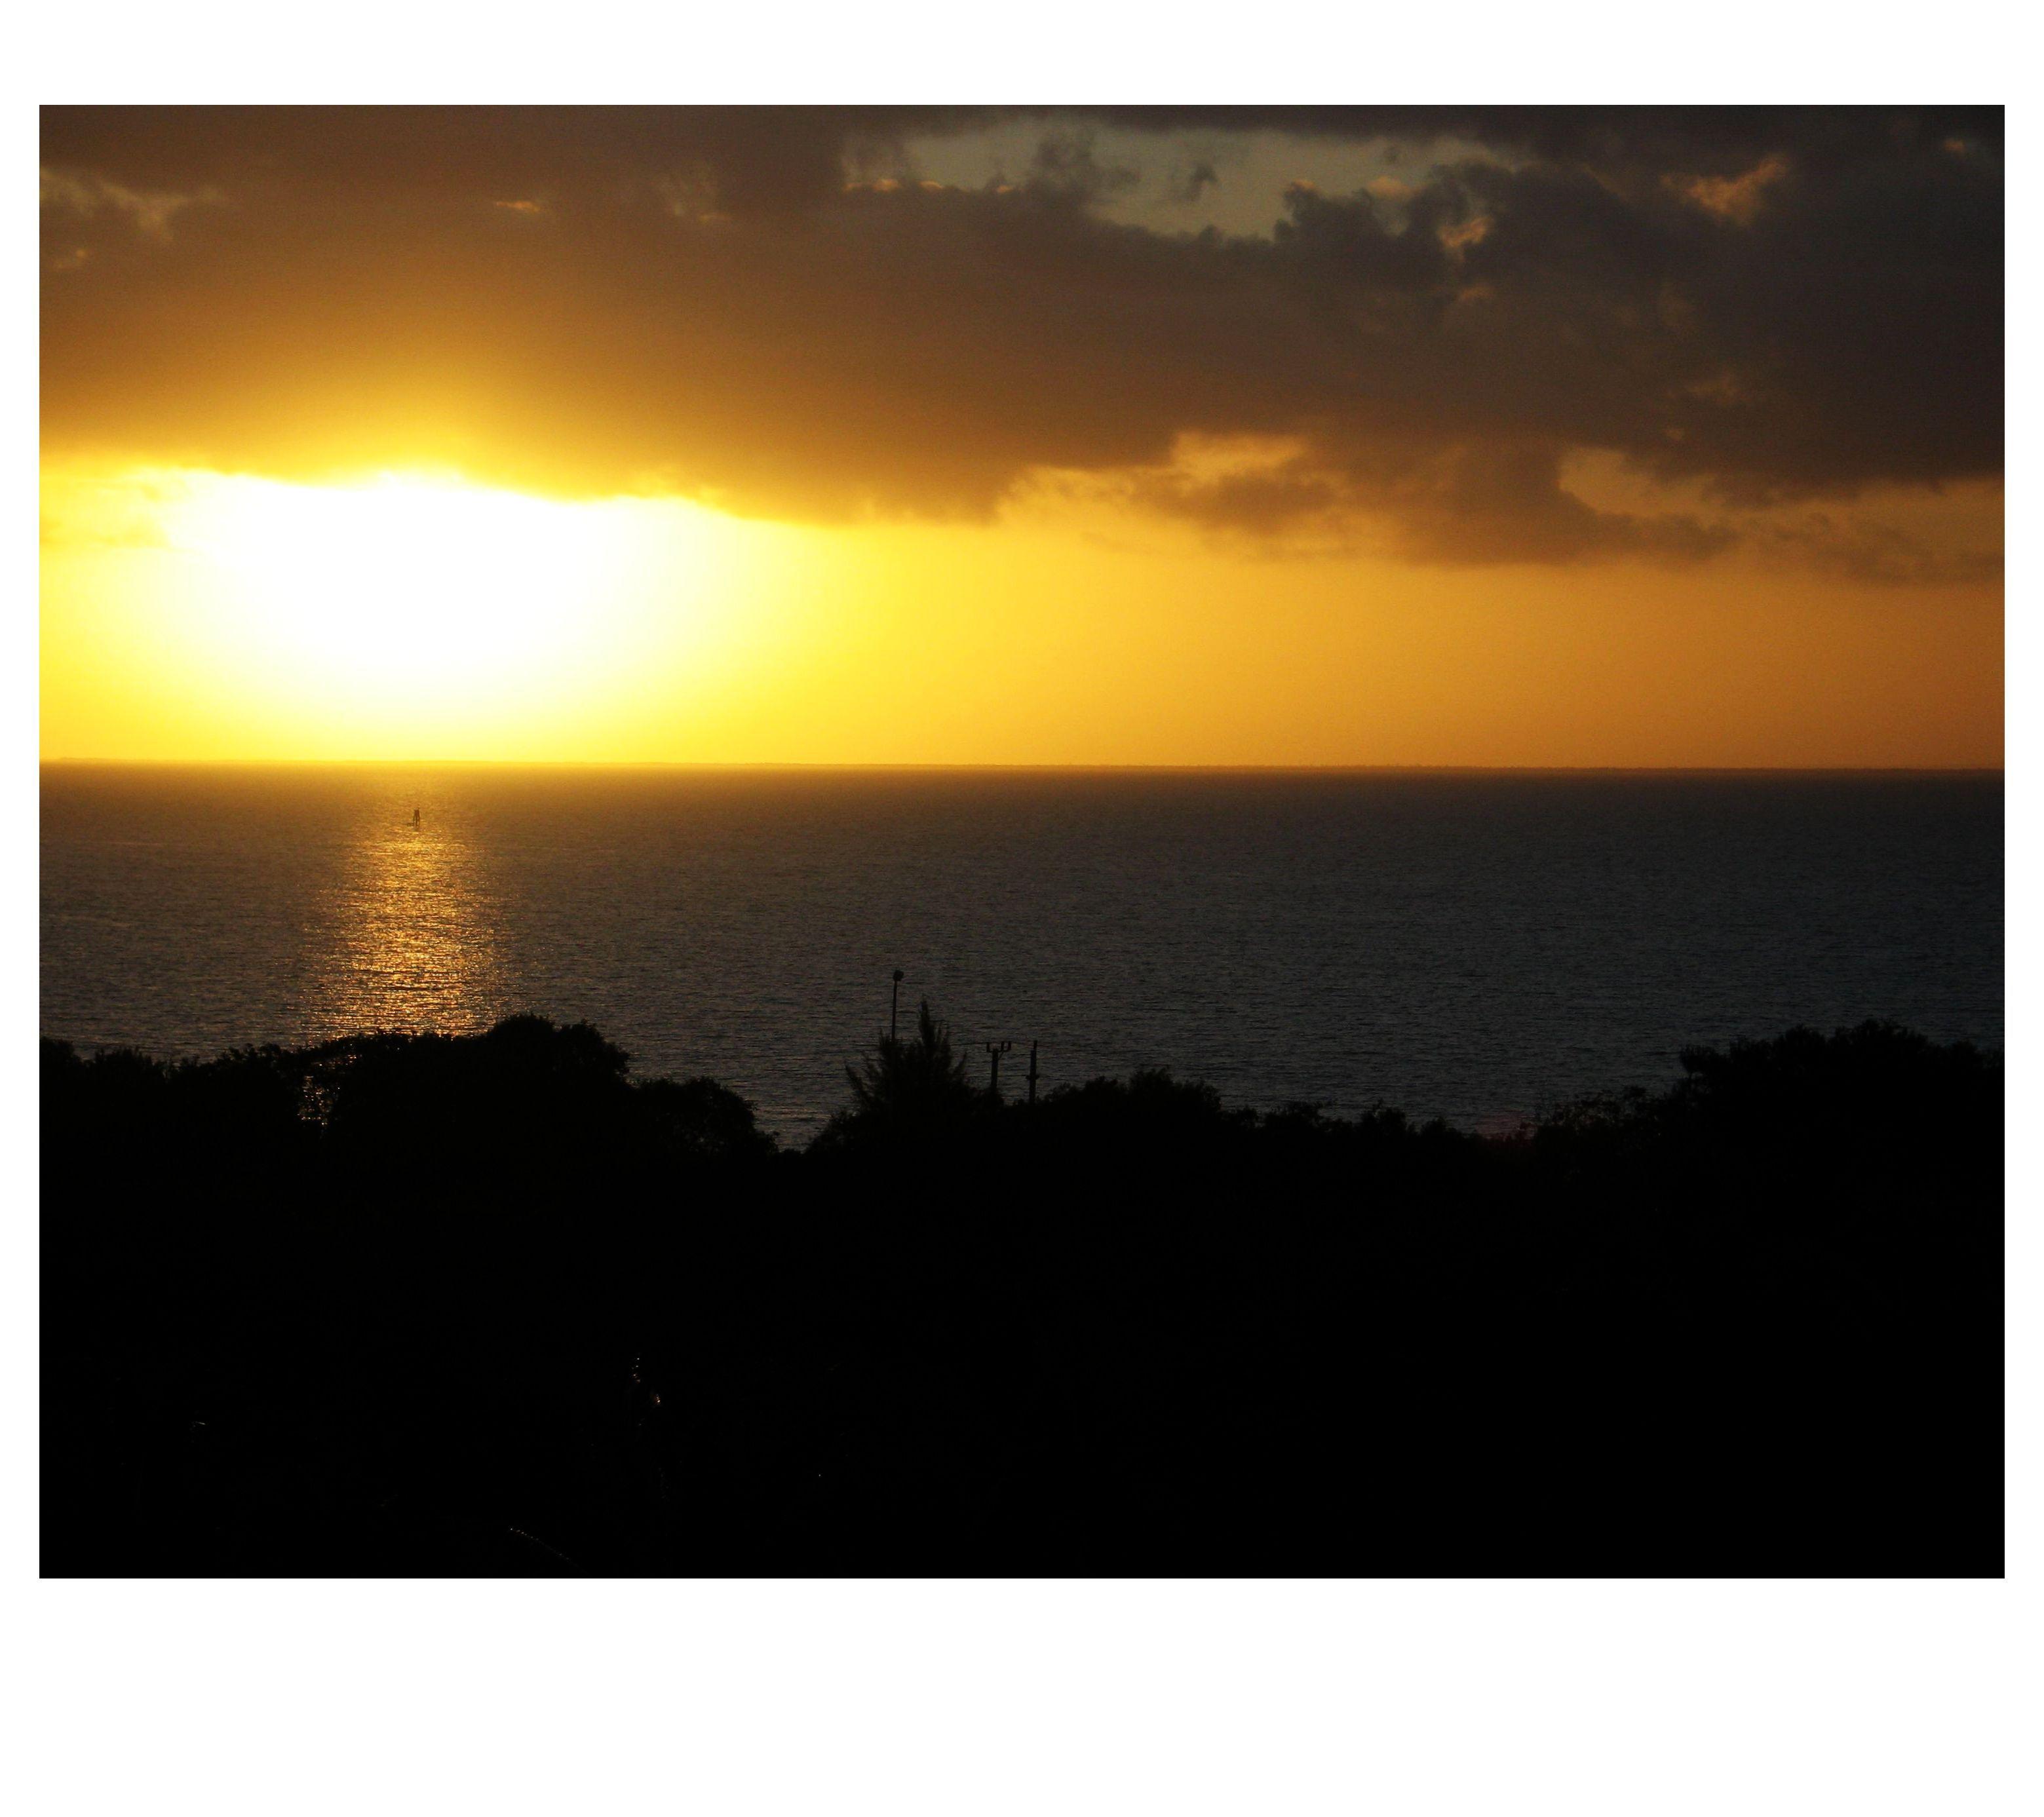 Photo by me. Photo: Diána Rigó Varadero, Cuba #Cuba #Varadero #travel #photography #sea #sunrise